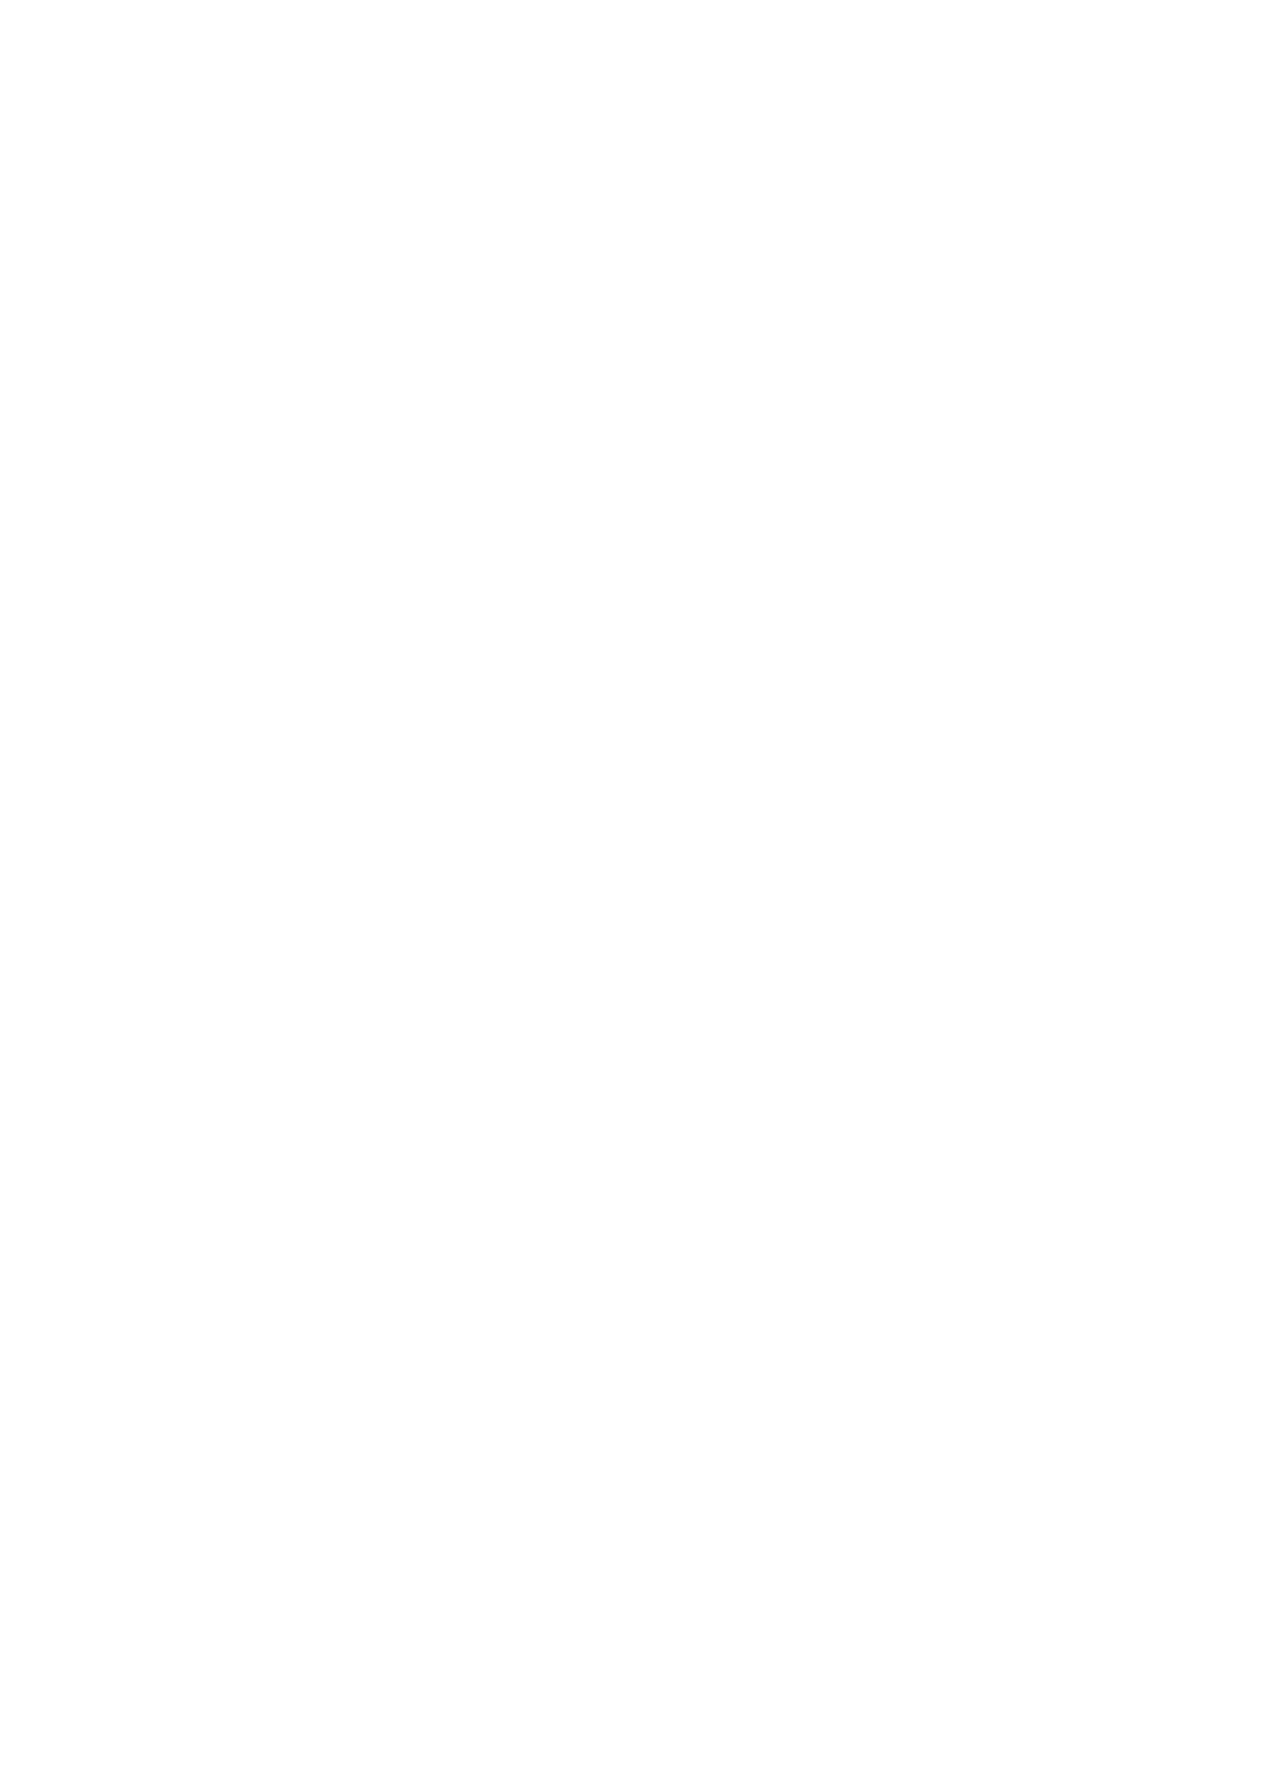 FDO Fate/Dosukebe Order VOL. 2.5 14